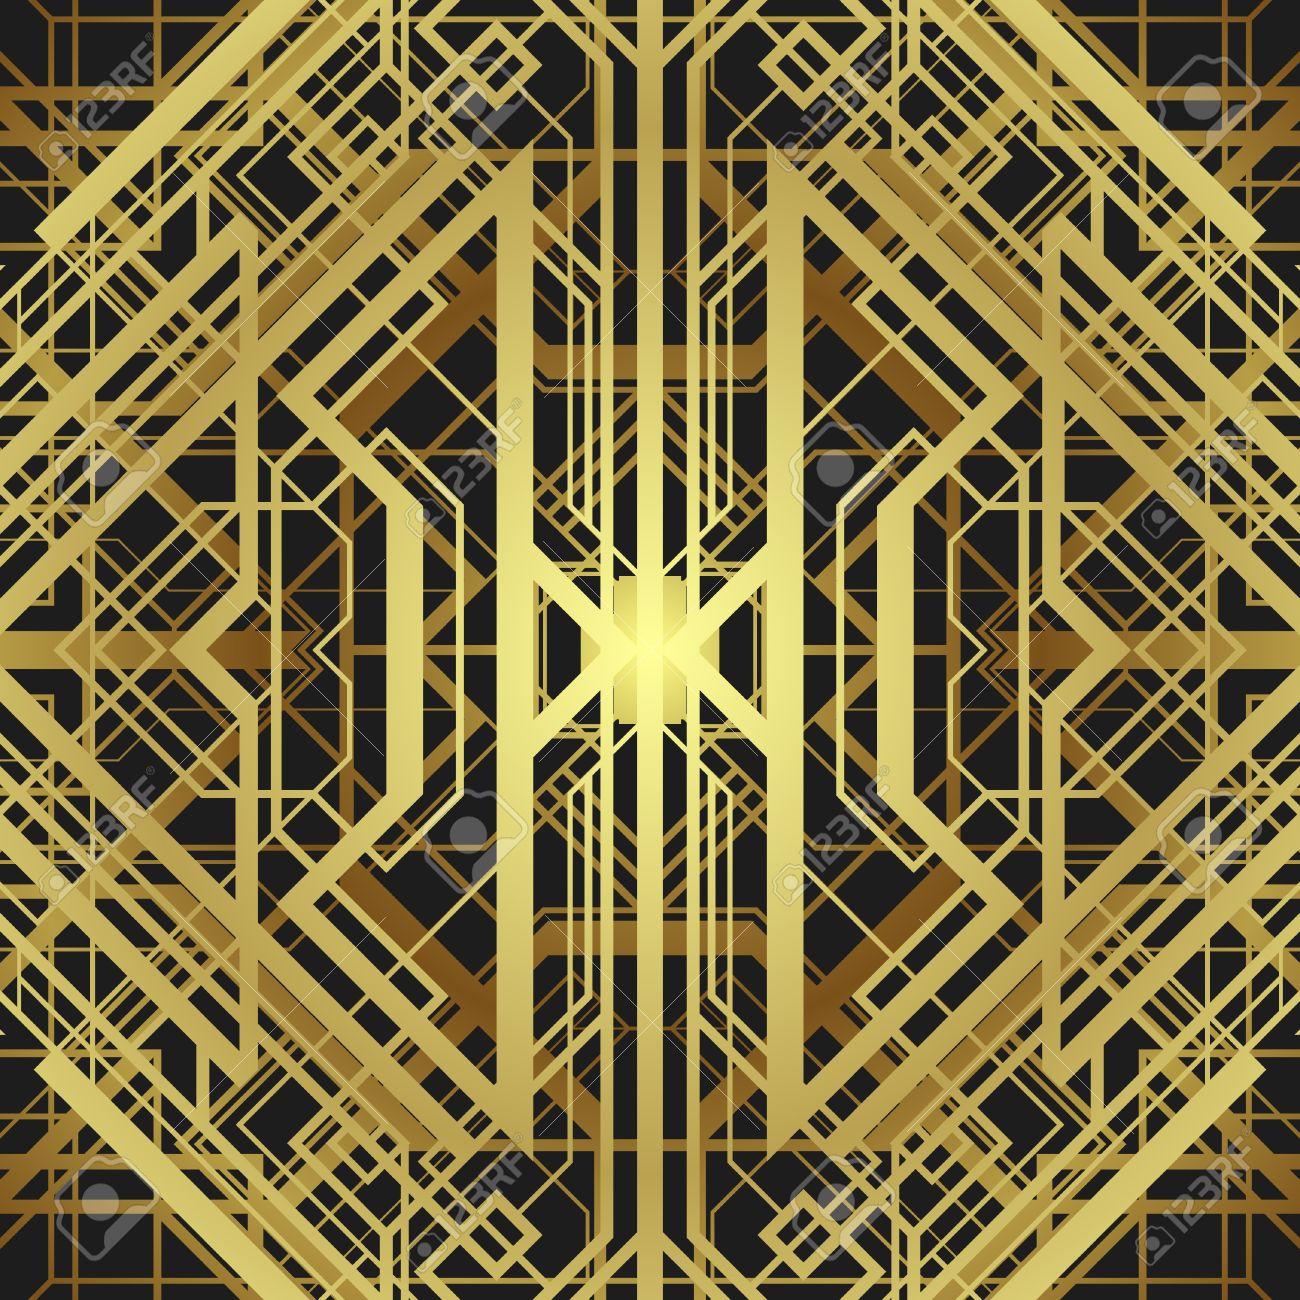 style art déco motif géométrique, vecteur or vintage background 1920